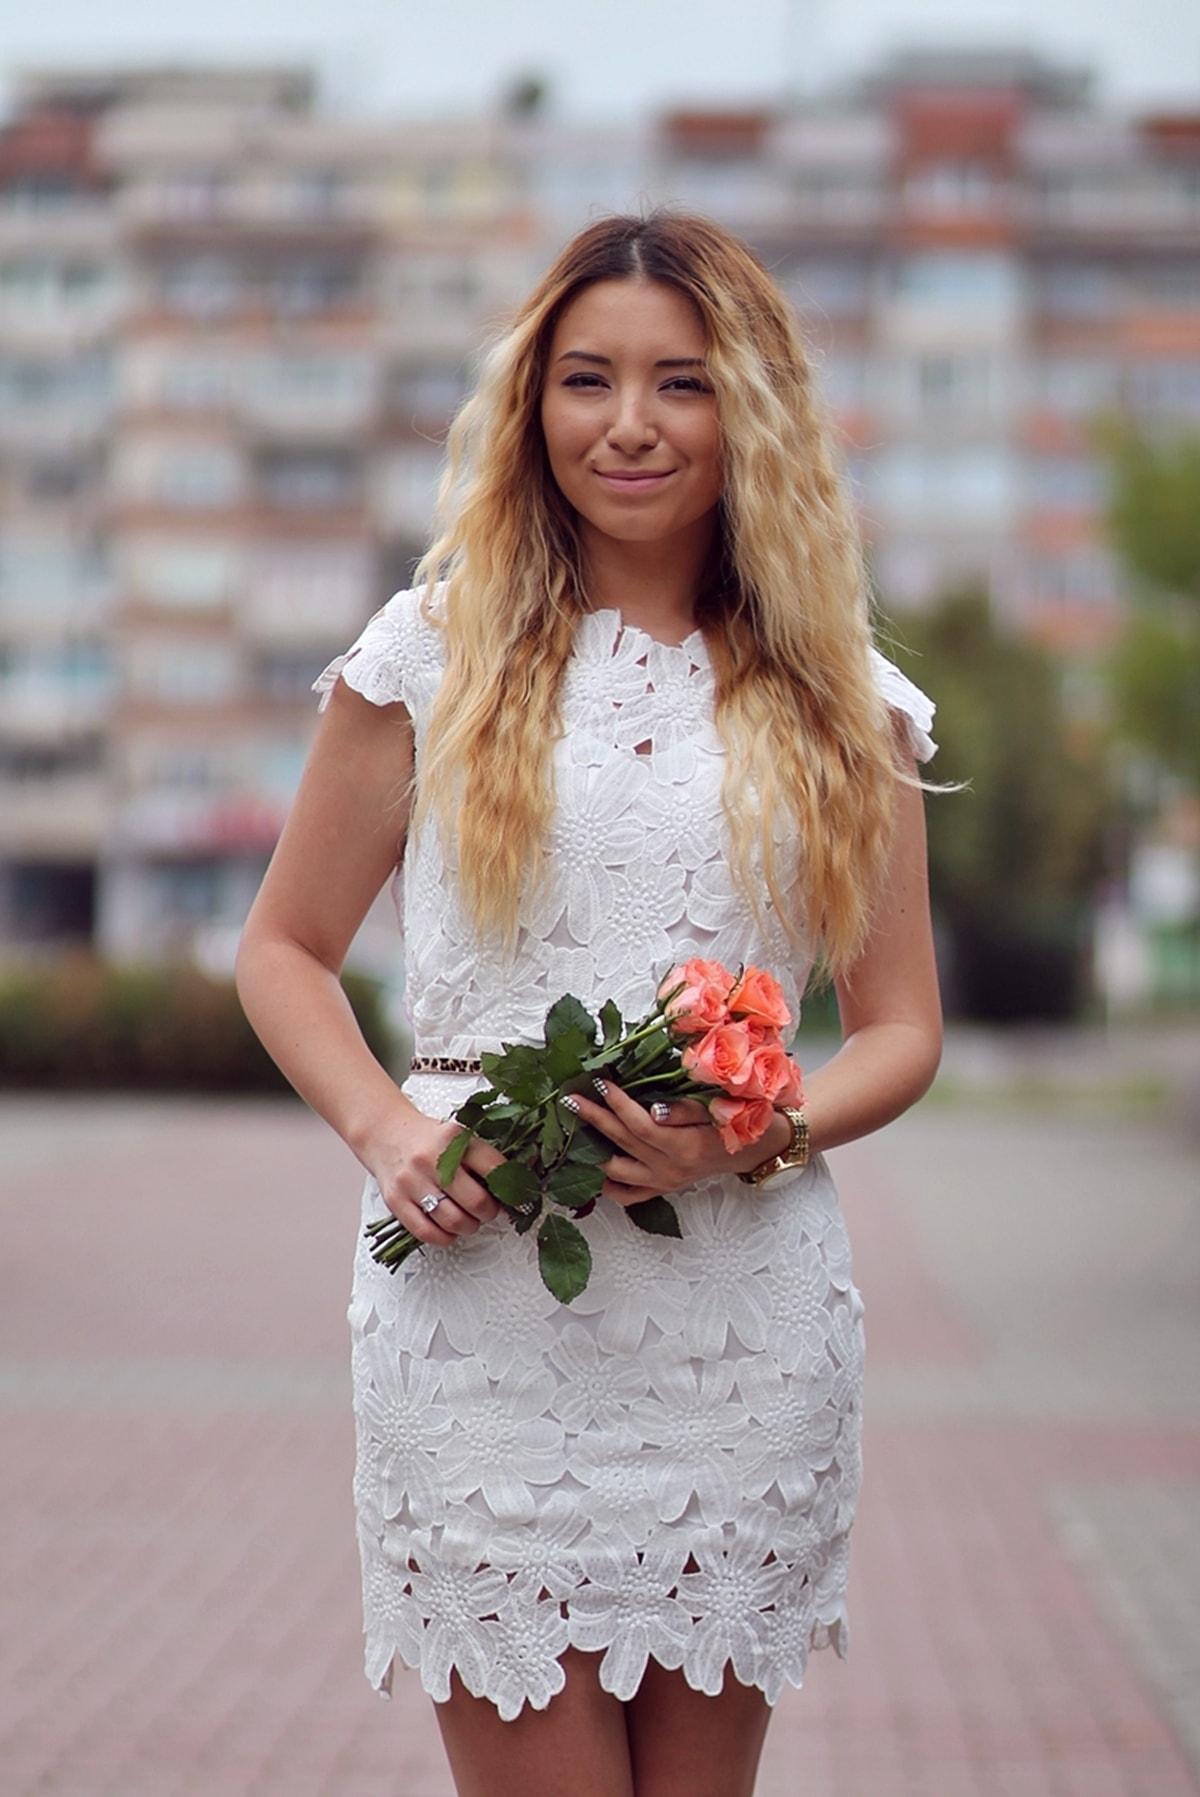 Andreea Ristea